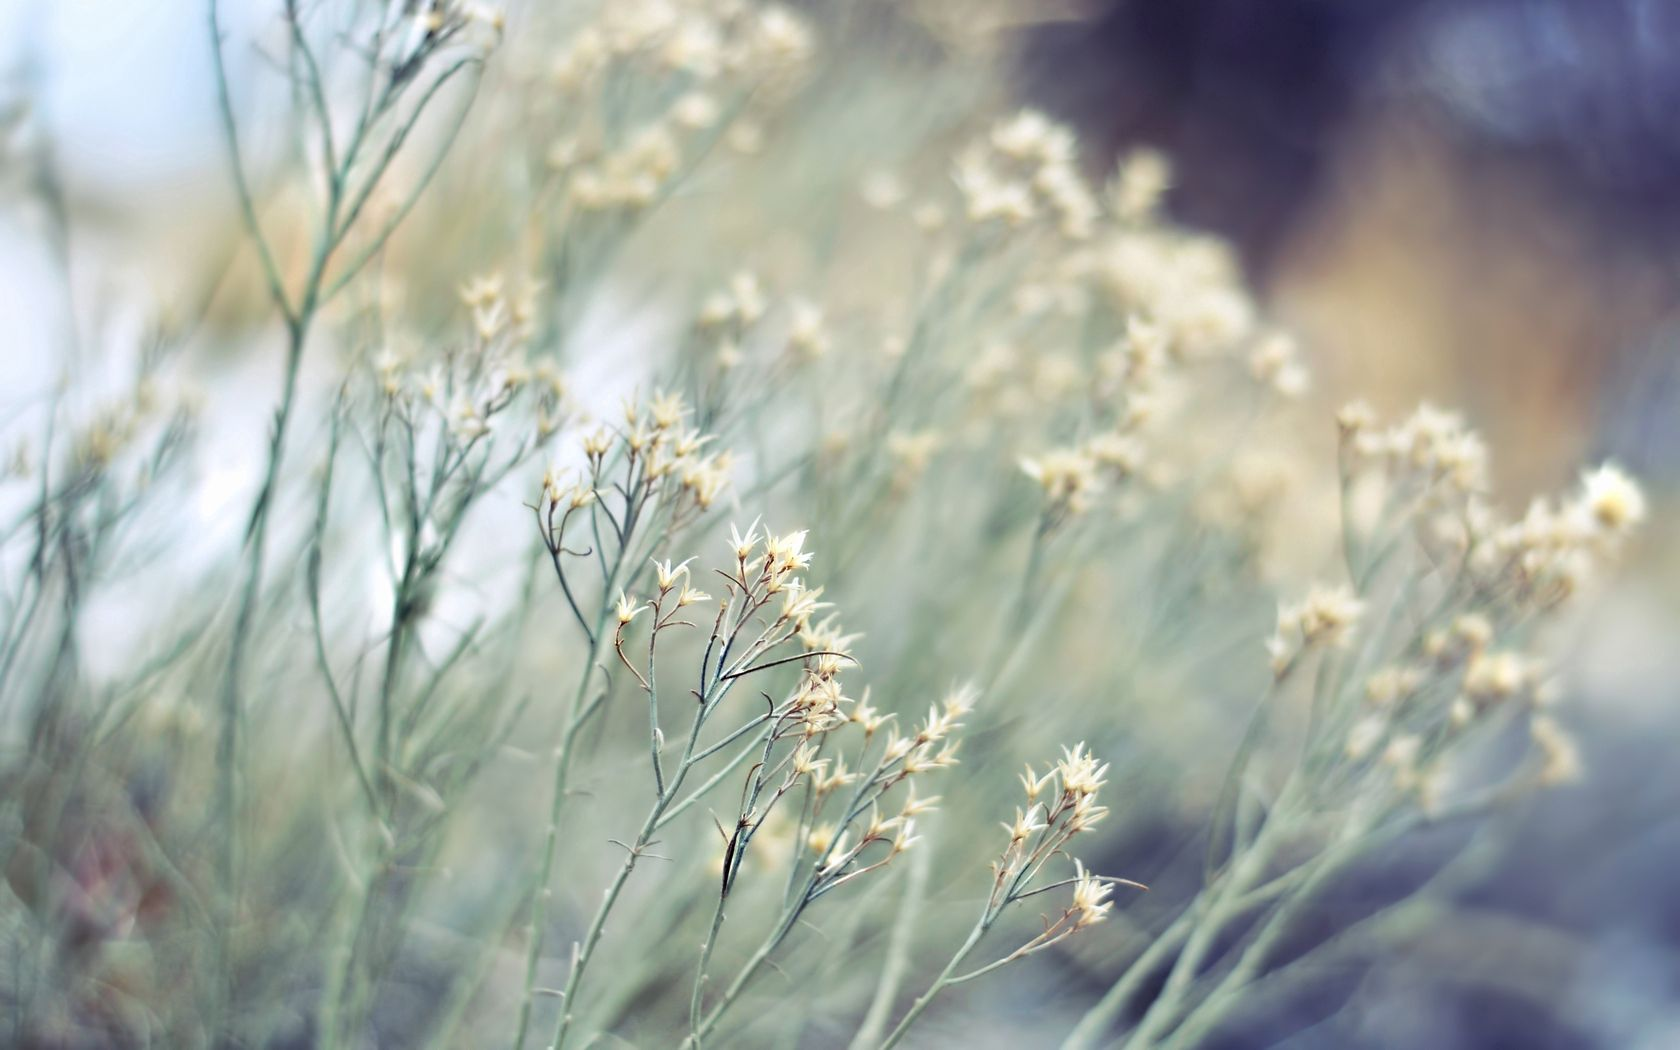 51792 скачать обои Природа, Растения, Травы, Сухие, Цветки, Серый, Кусты - заставки и картинки бесплатно